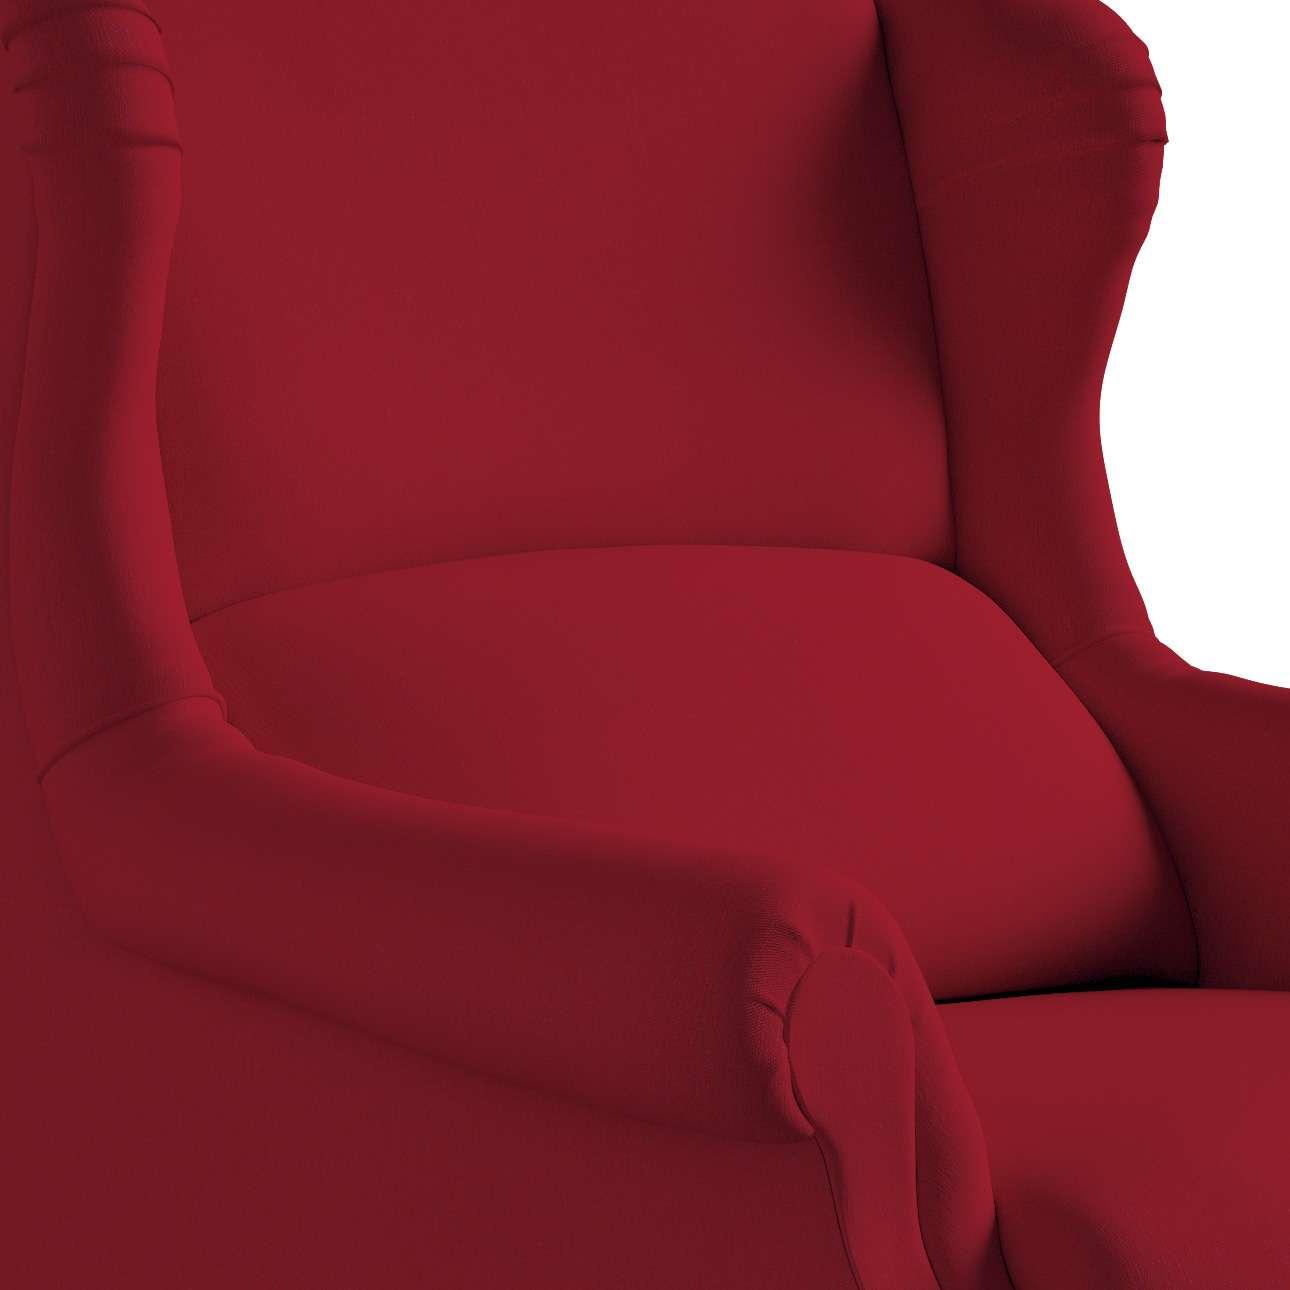 Sessel 85 x 107 cm von der Kollektion Chenille , Stoff: 702-24